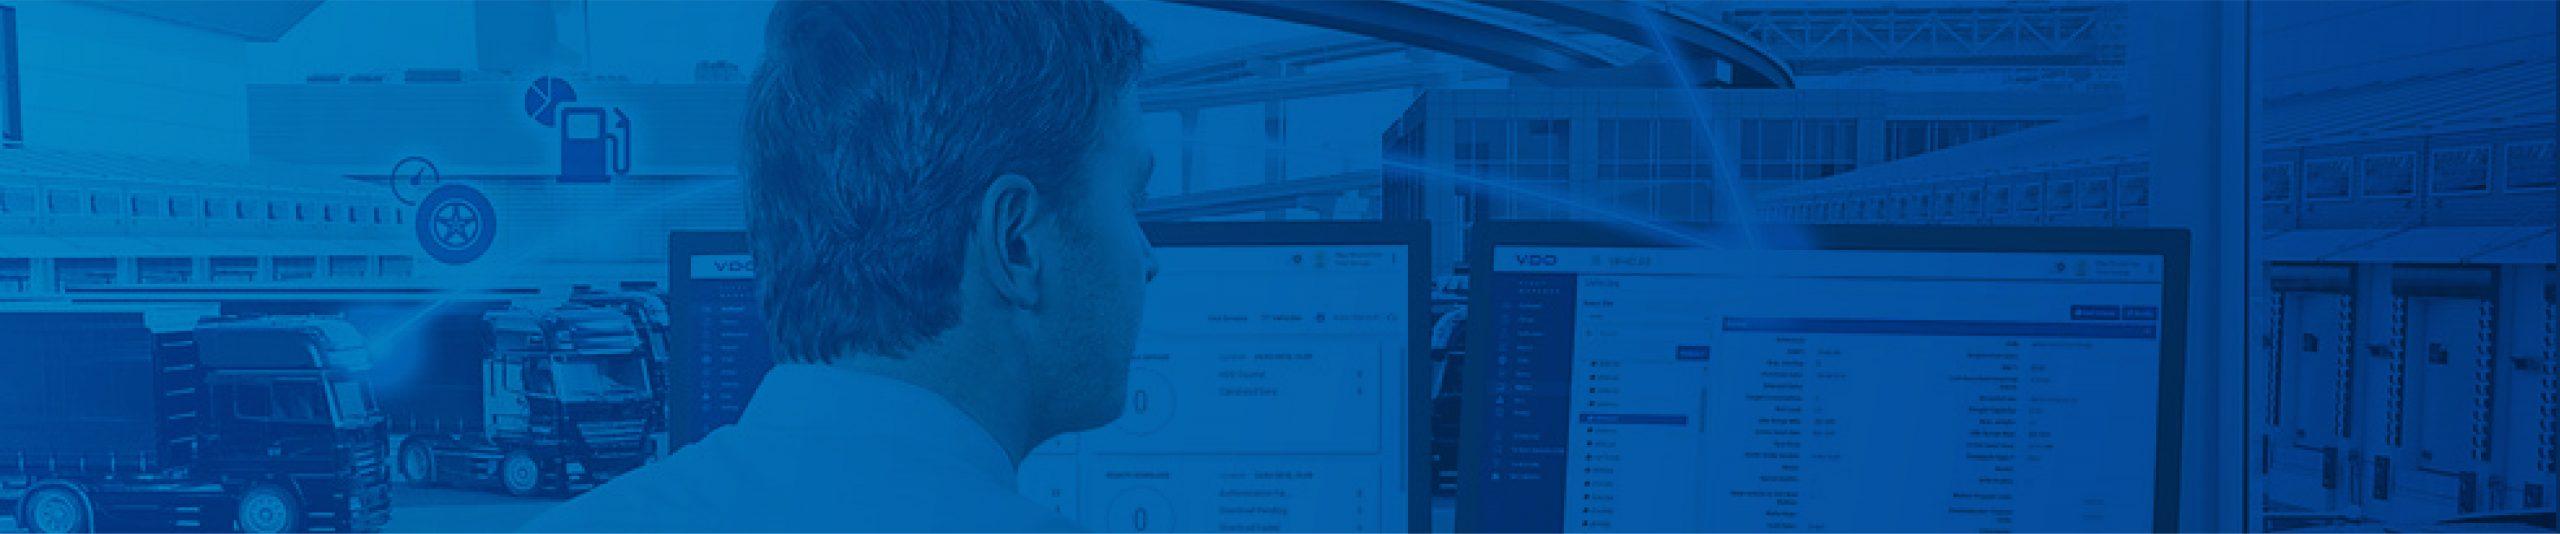 Fleet Management System Header image